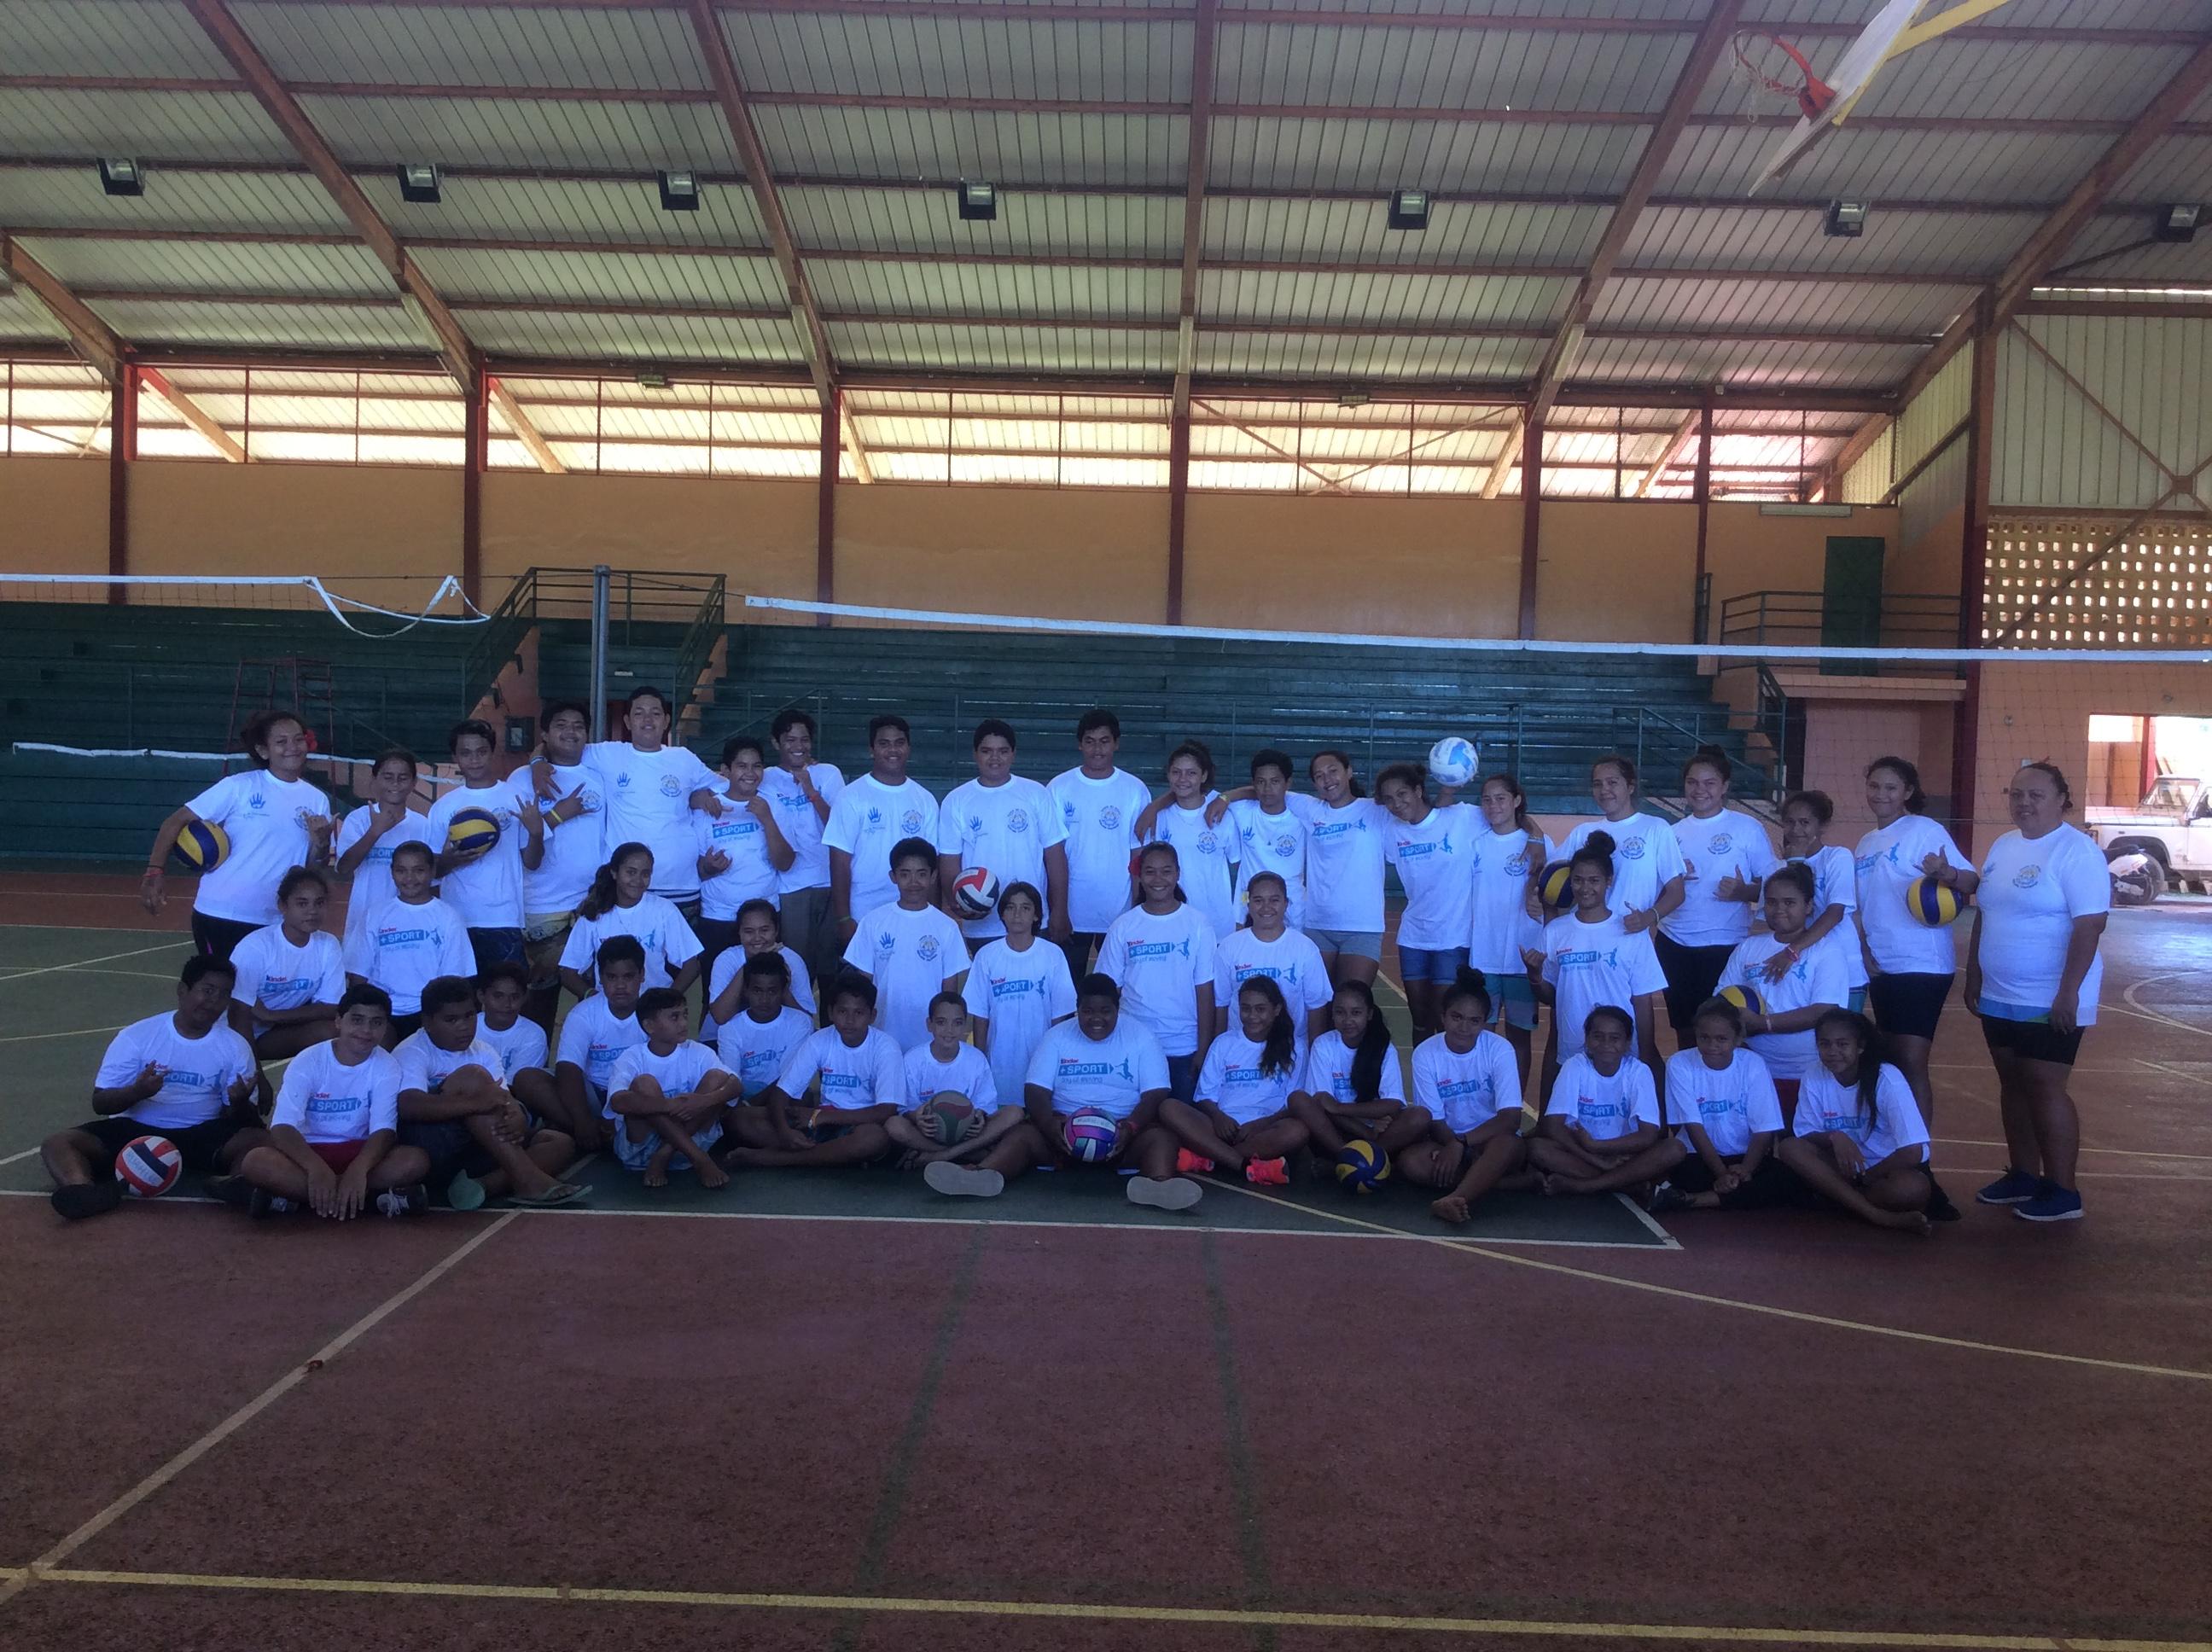 Au programme pour les jeunes athlètes : du volley-ball, basket-ball, football, tennis de table et du va'a.